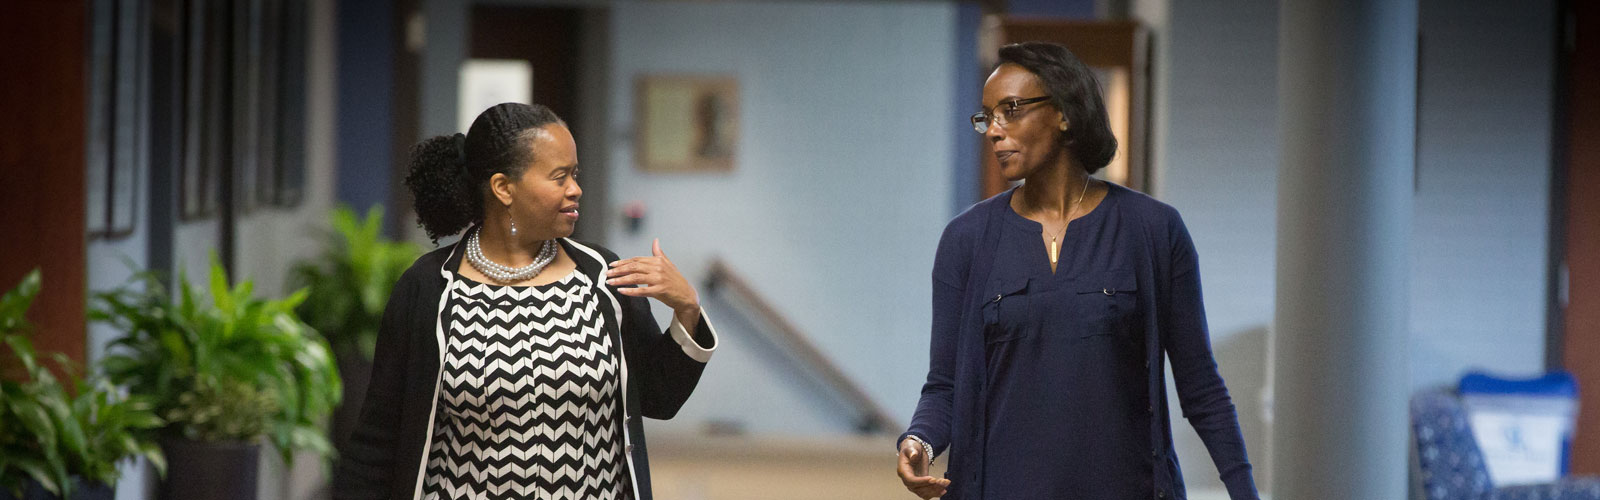 Two women walking in hallway at Creighton University